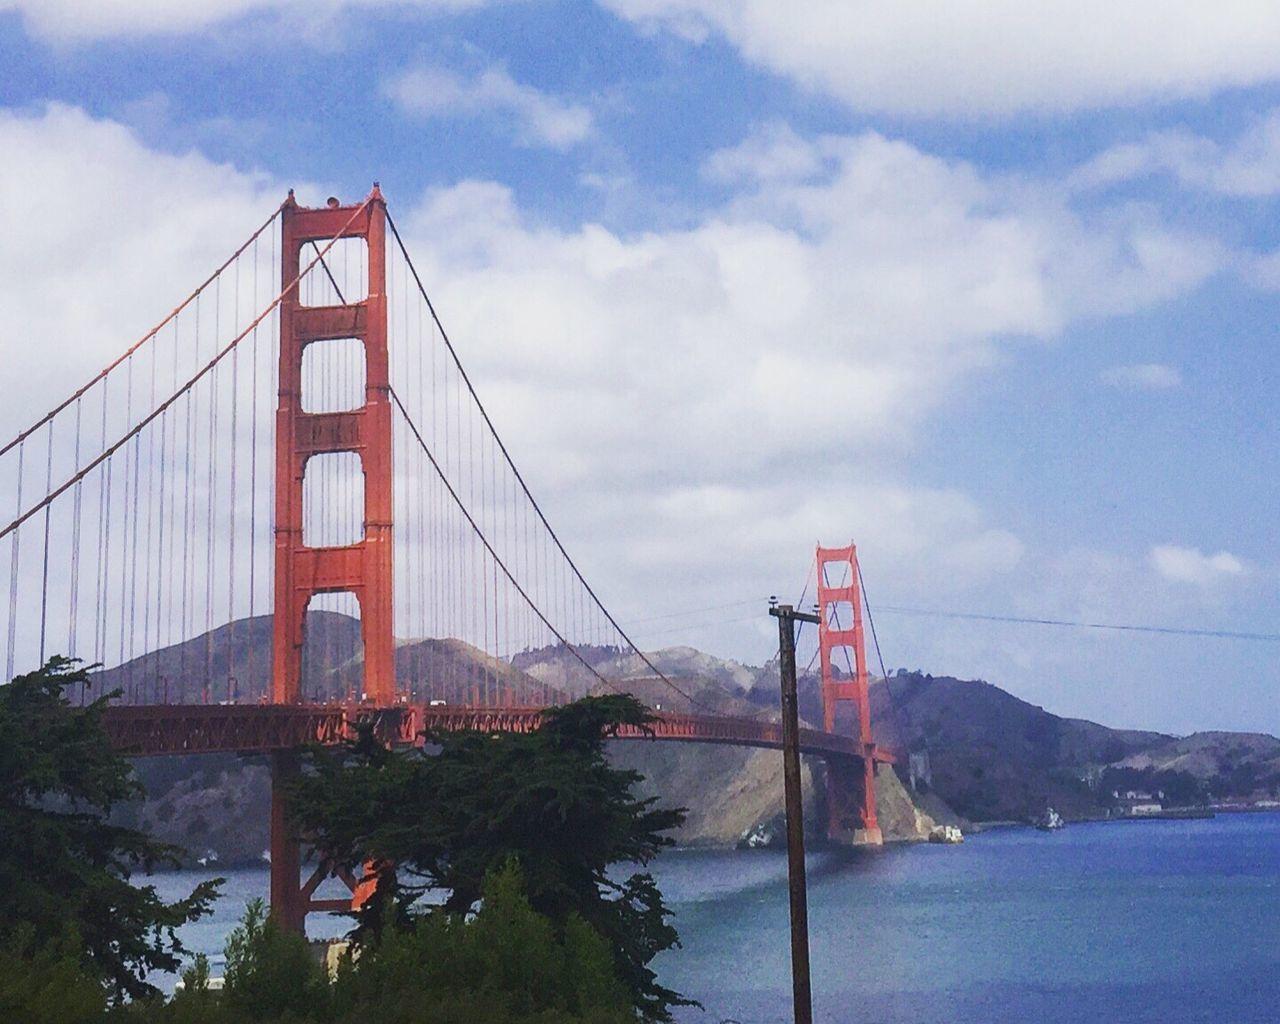 Cali California Golden Gate Bridge Golden Gate Park Sanfrancisco SanFranciscoBay West Coast